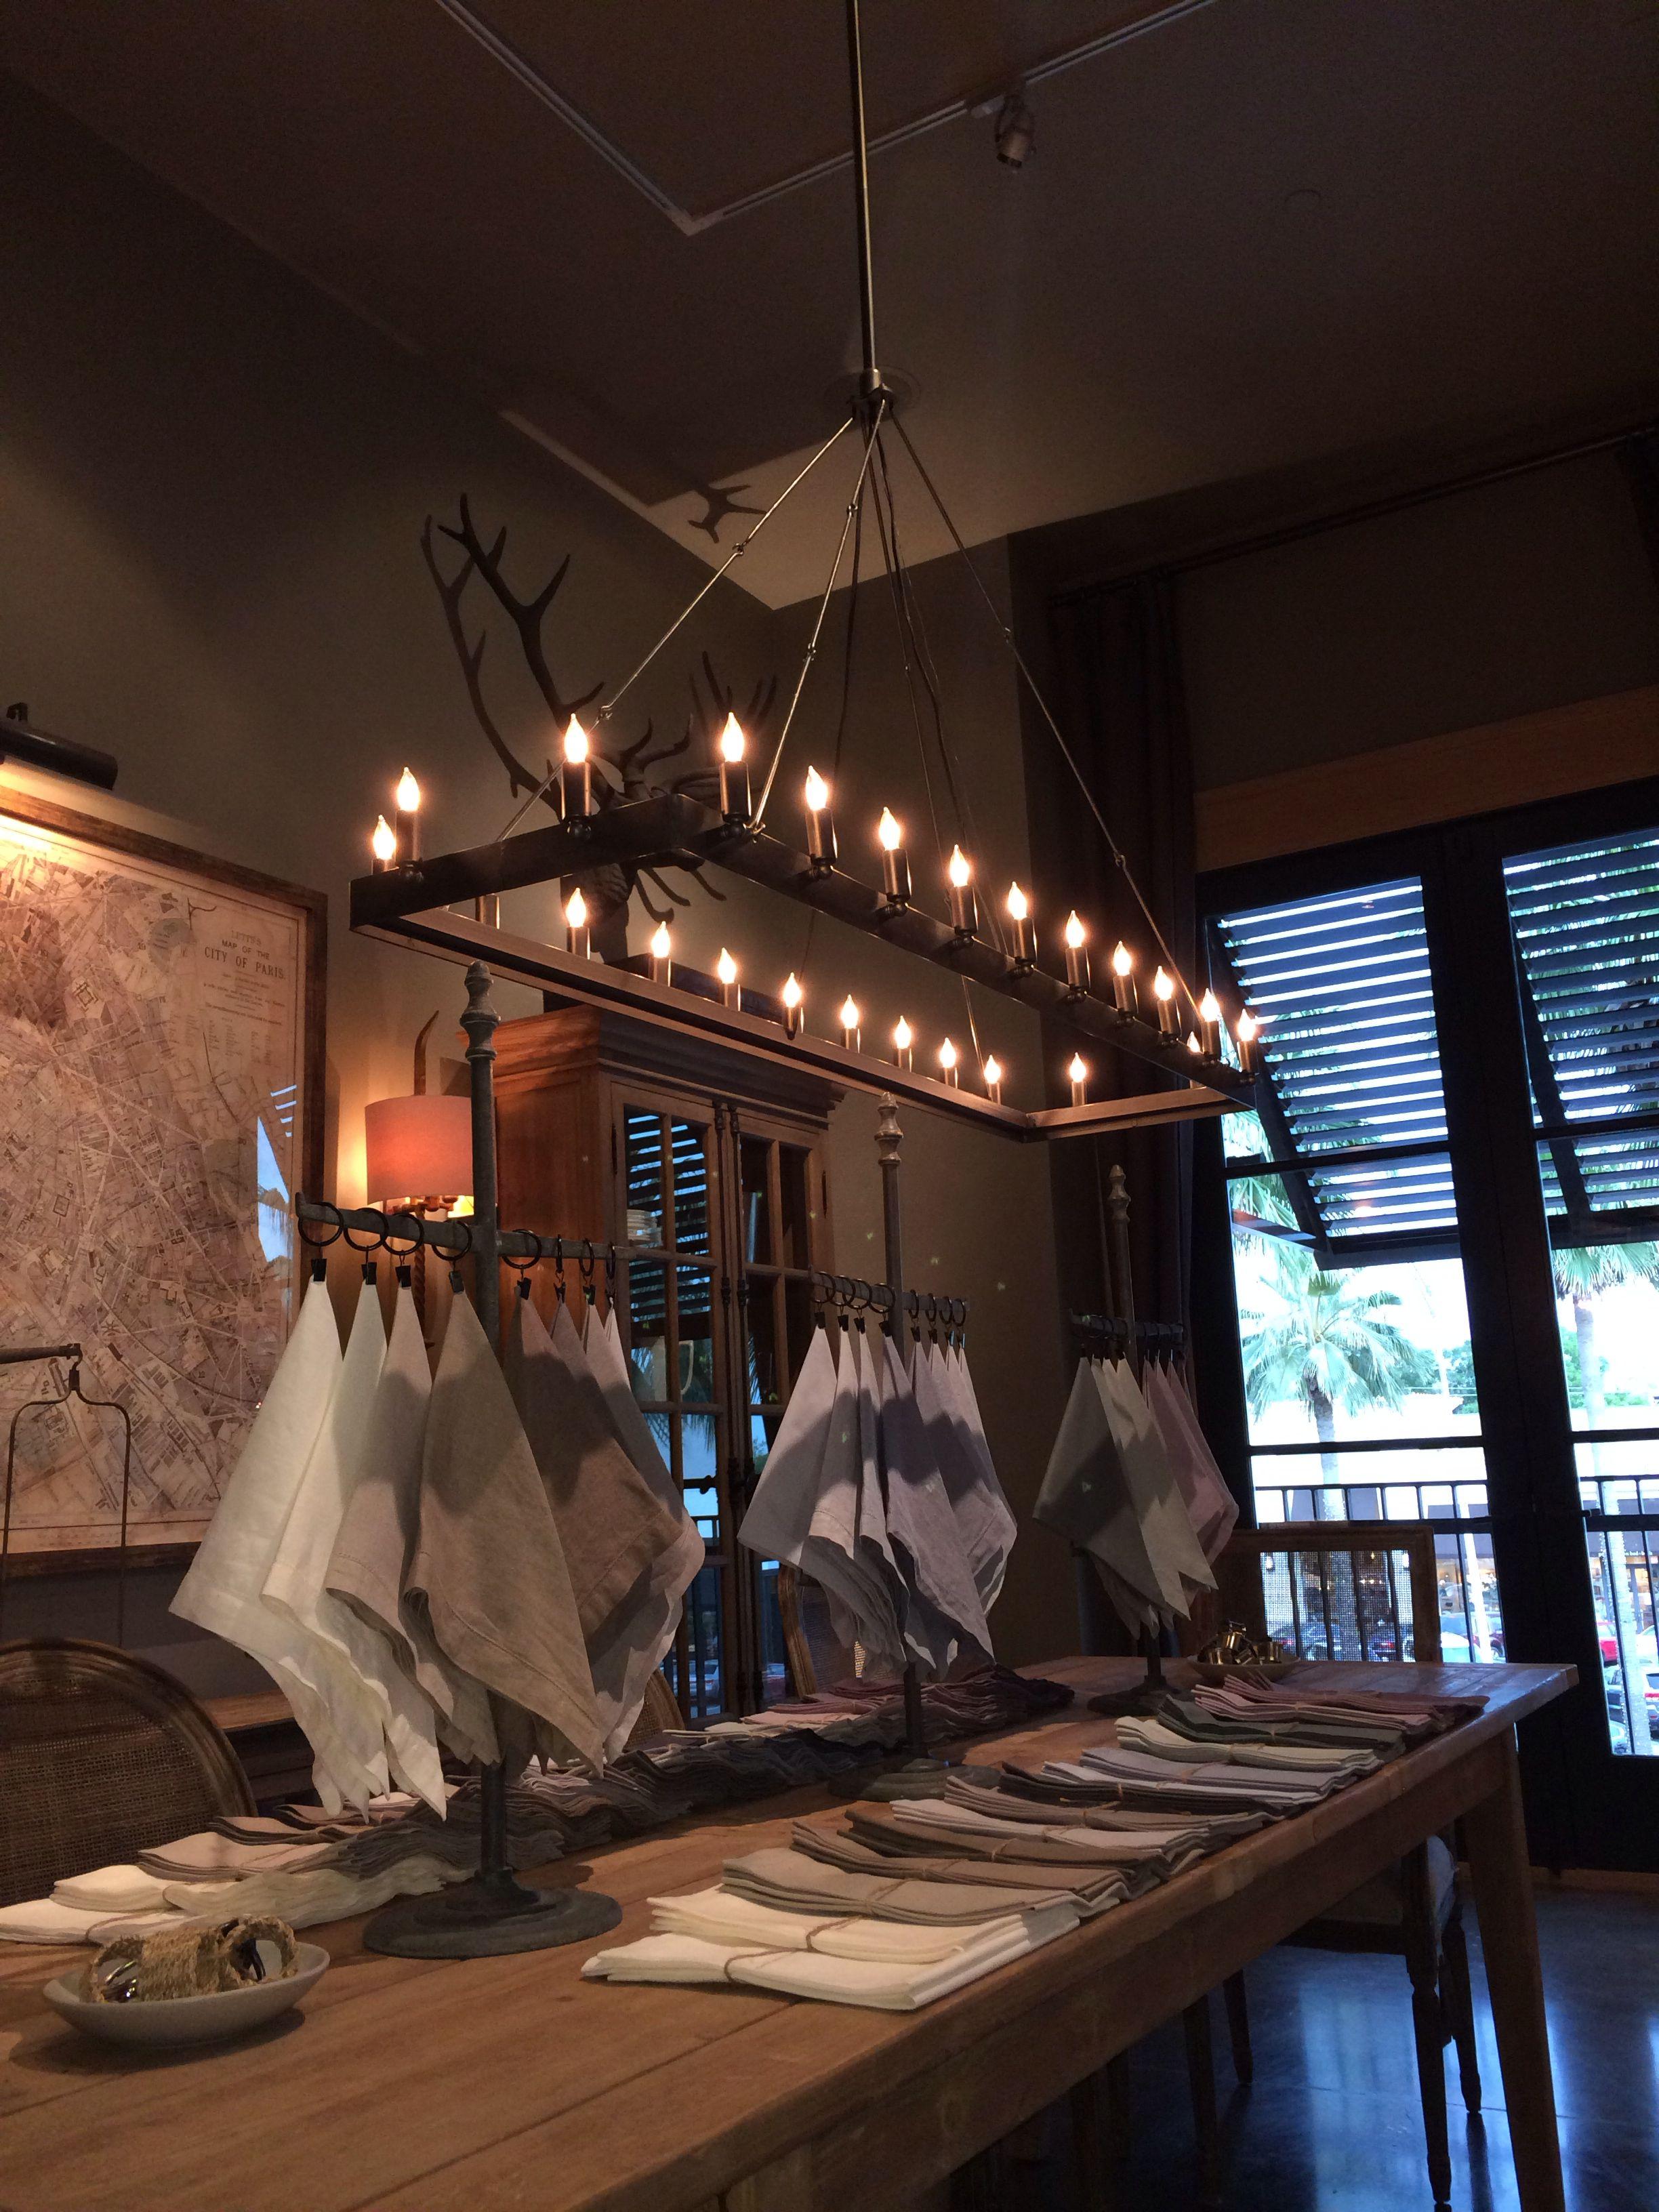 Our back ordered restoration hardware chandelier for the kitchen our back ordered restoration hardware chandelier for the kitchen arubaitofo Gallery